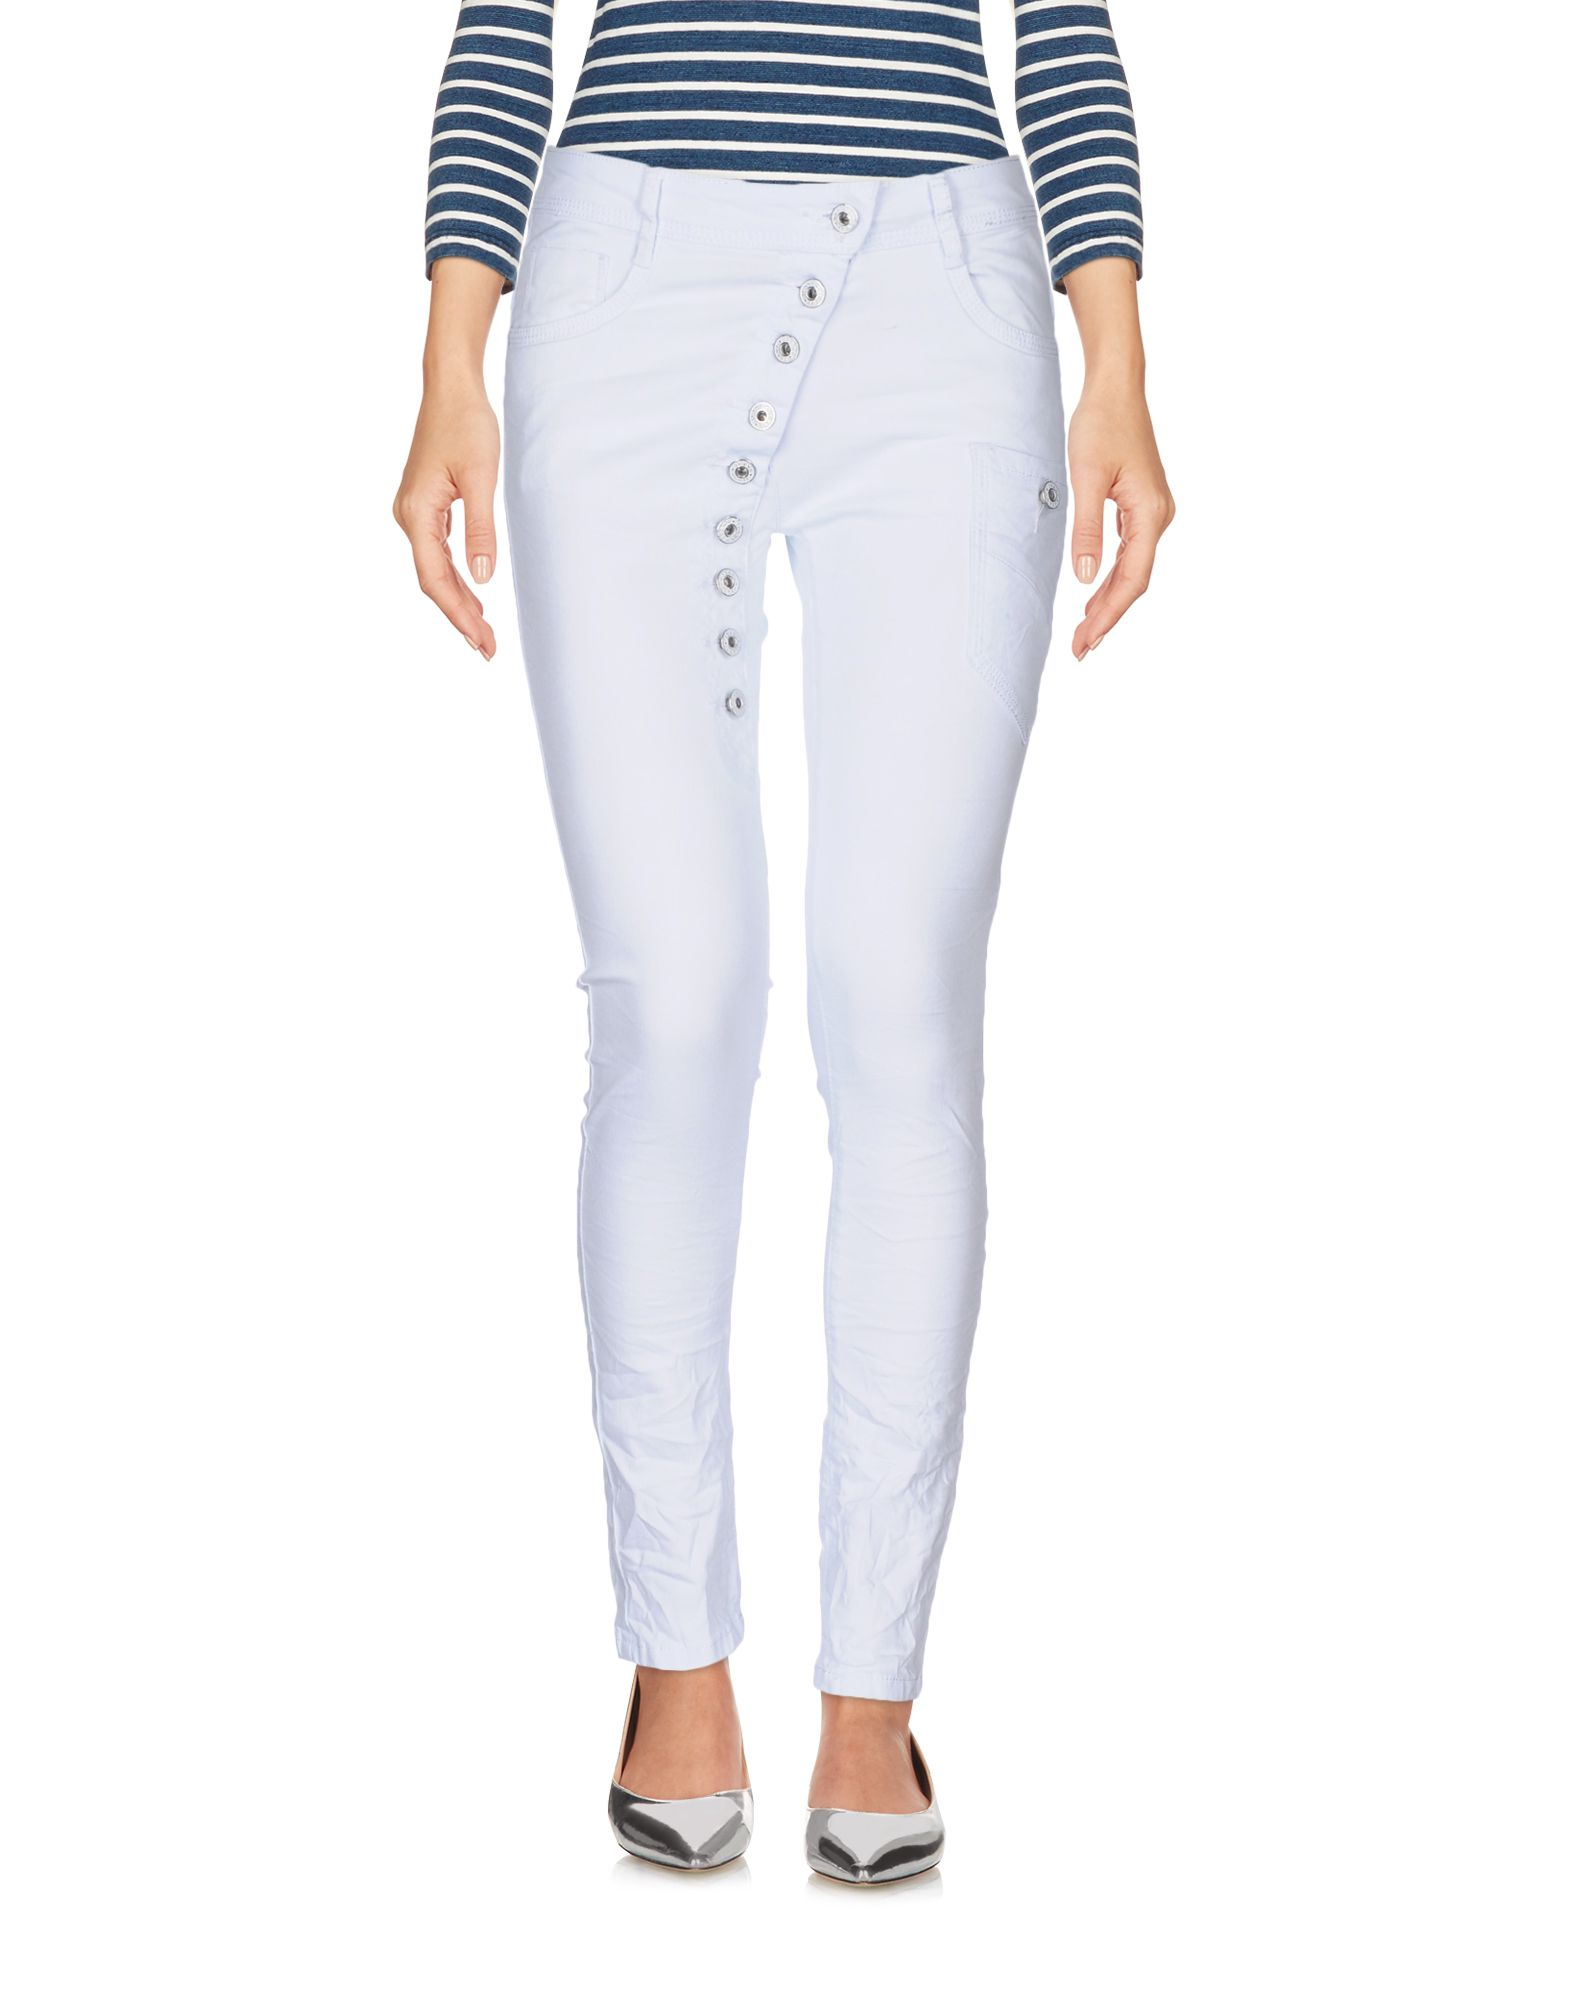 цены на TANTRA Джинсовые брюки в интернет-магазинах